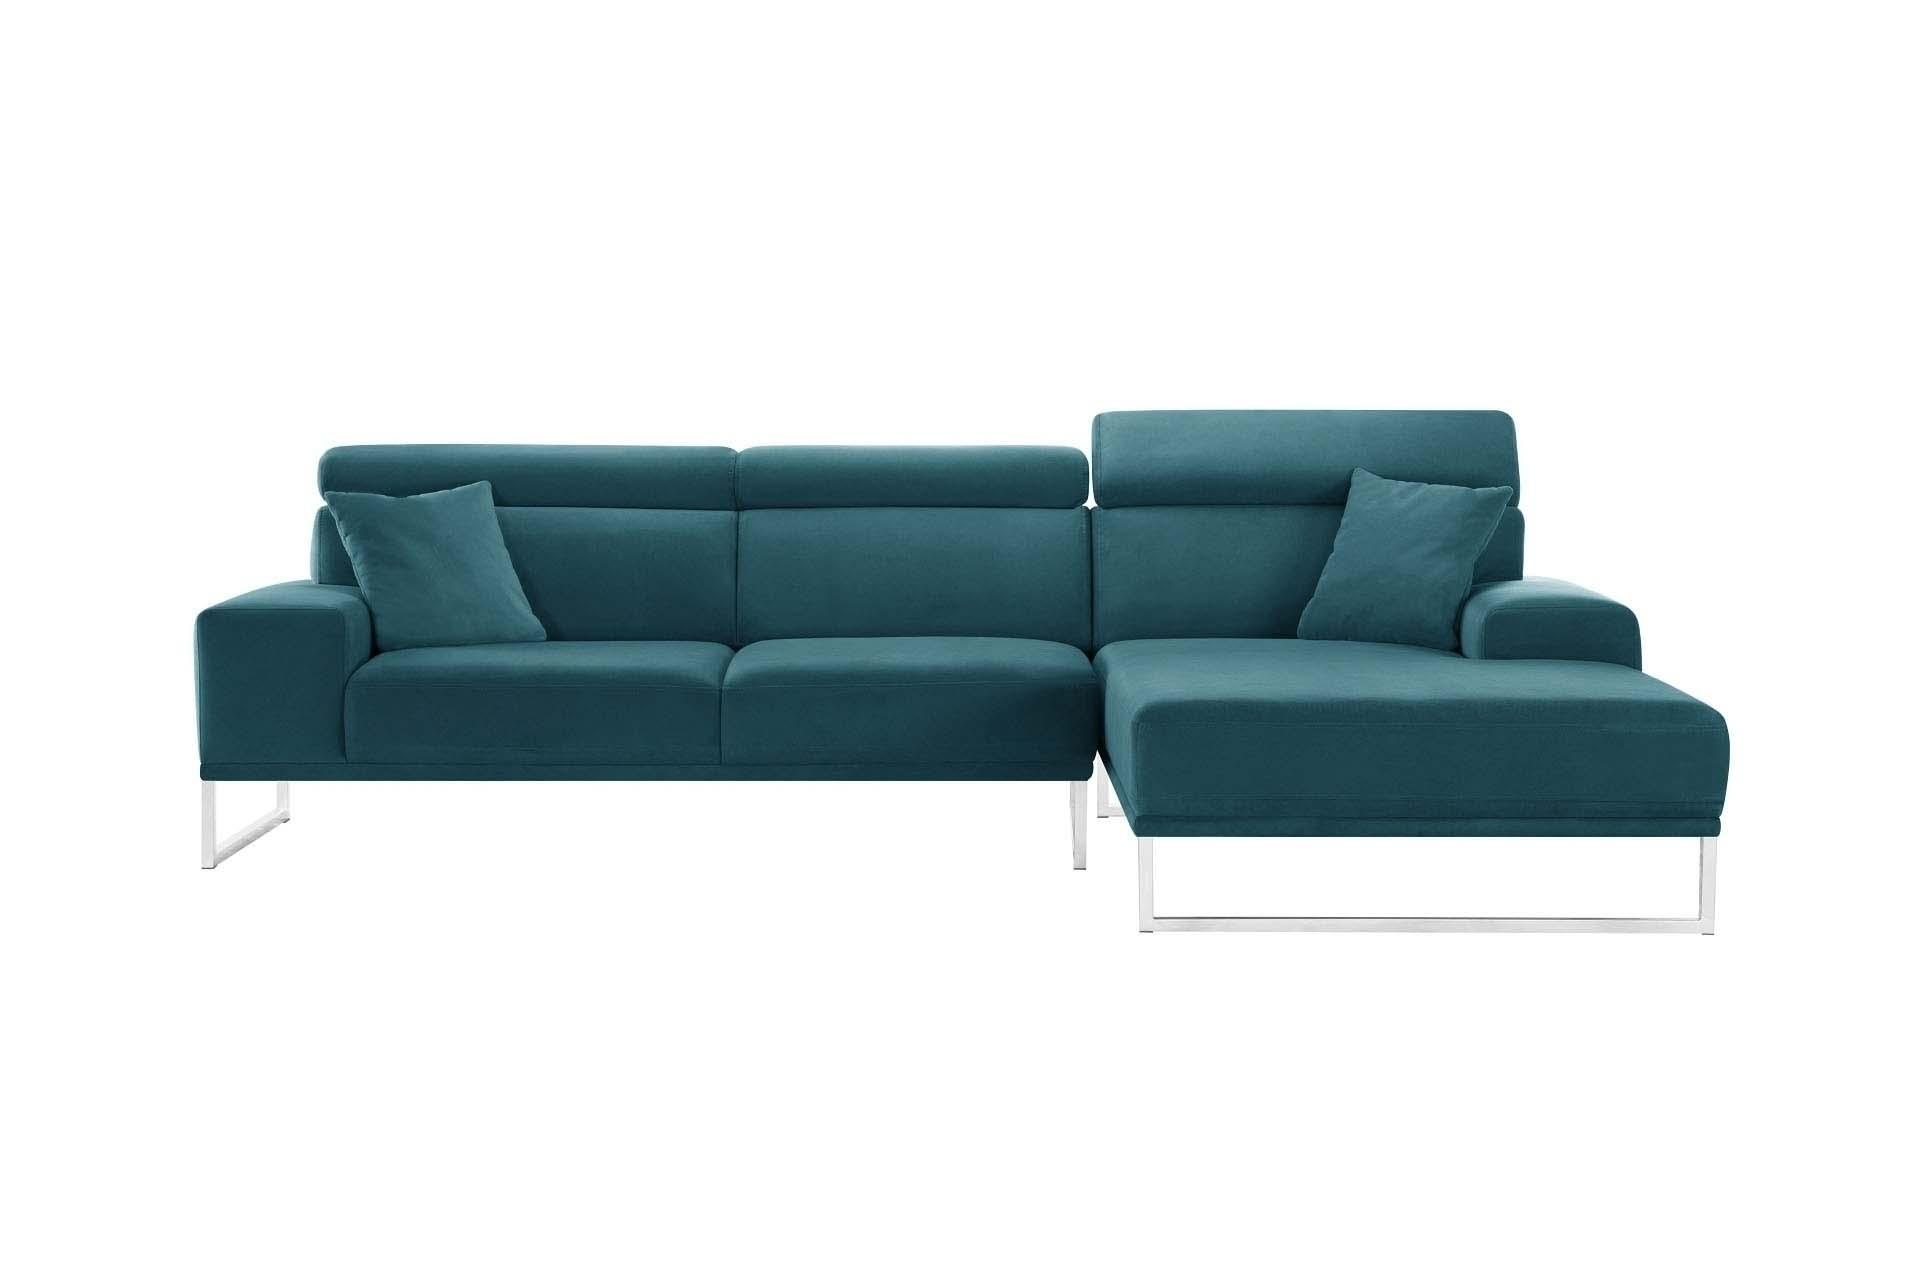 Canapé d'angle droit 5 places en velours bleu turquoise